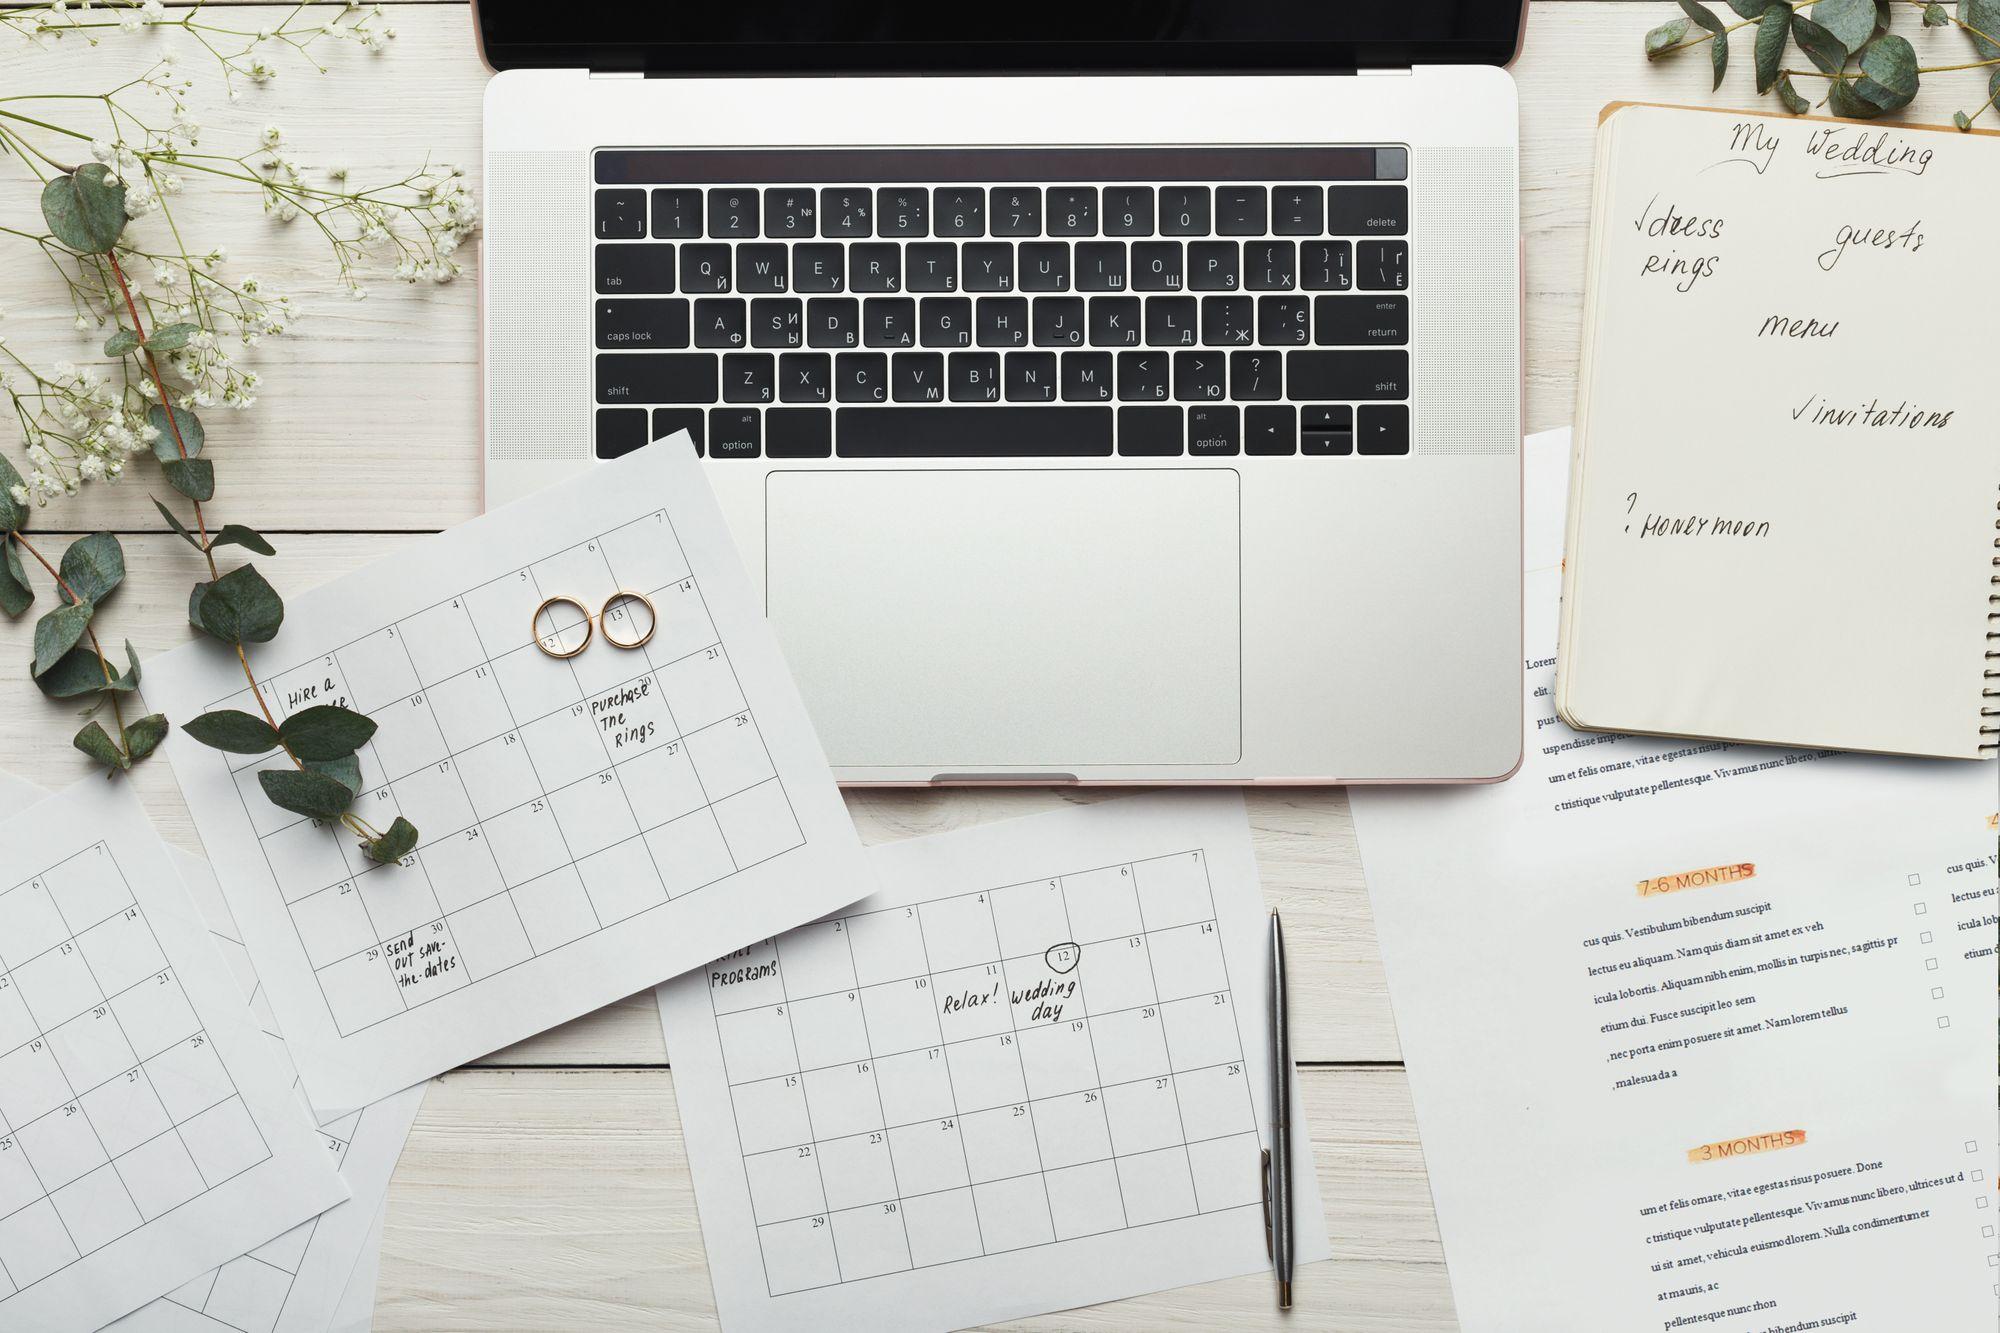 Planung der Hochzeit am Laptop und Kalender